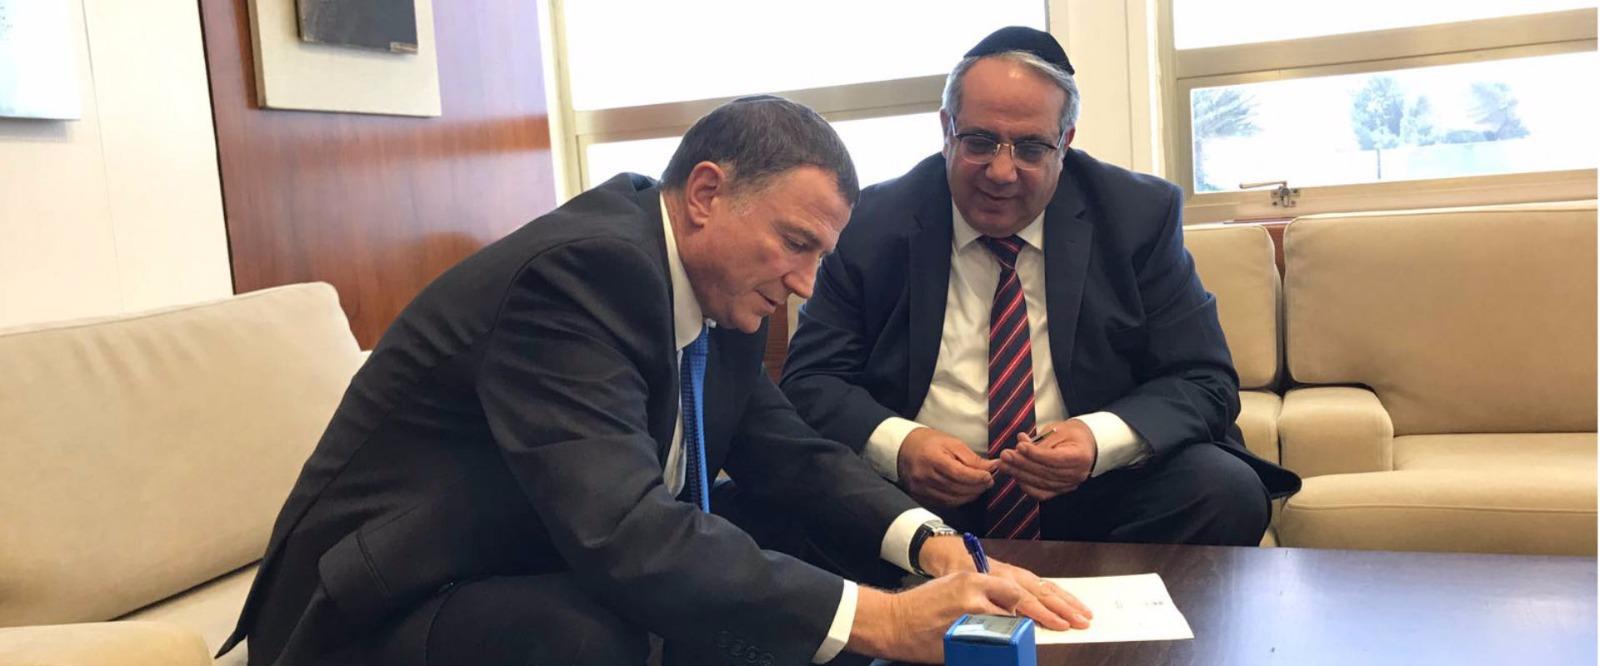 """ח""""כ גואטה מגיש את התפטרותו ליו""""ר הכנסת אדלשטיין"""